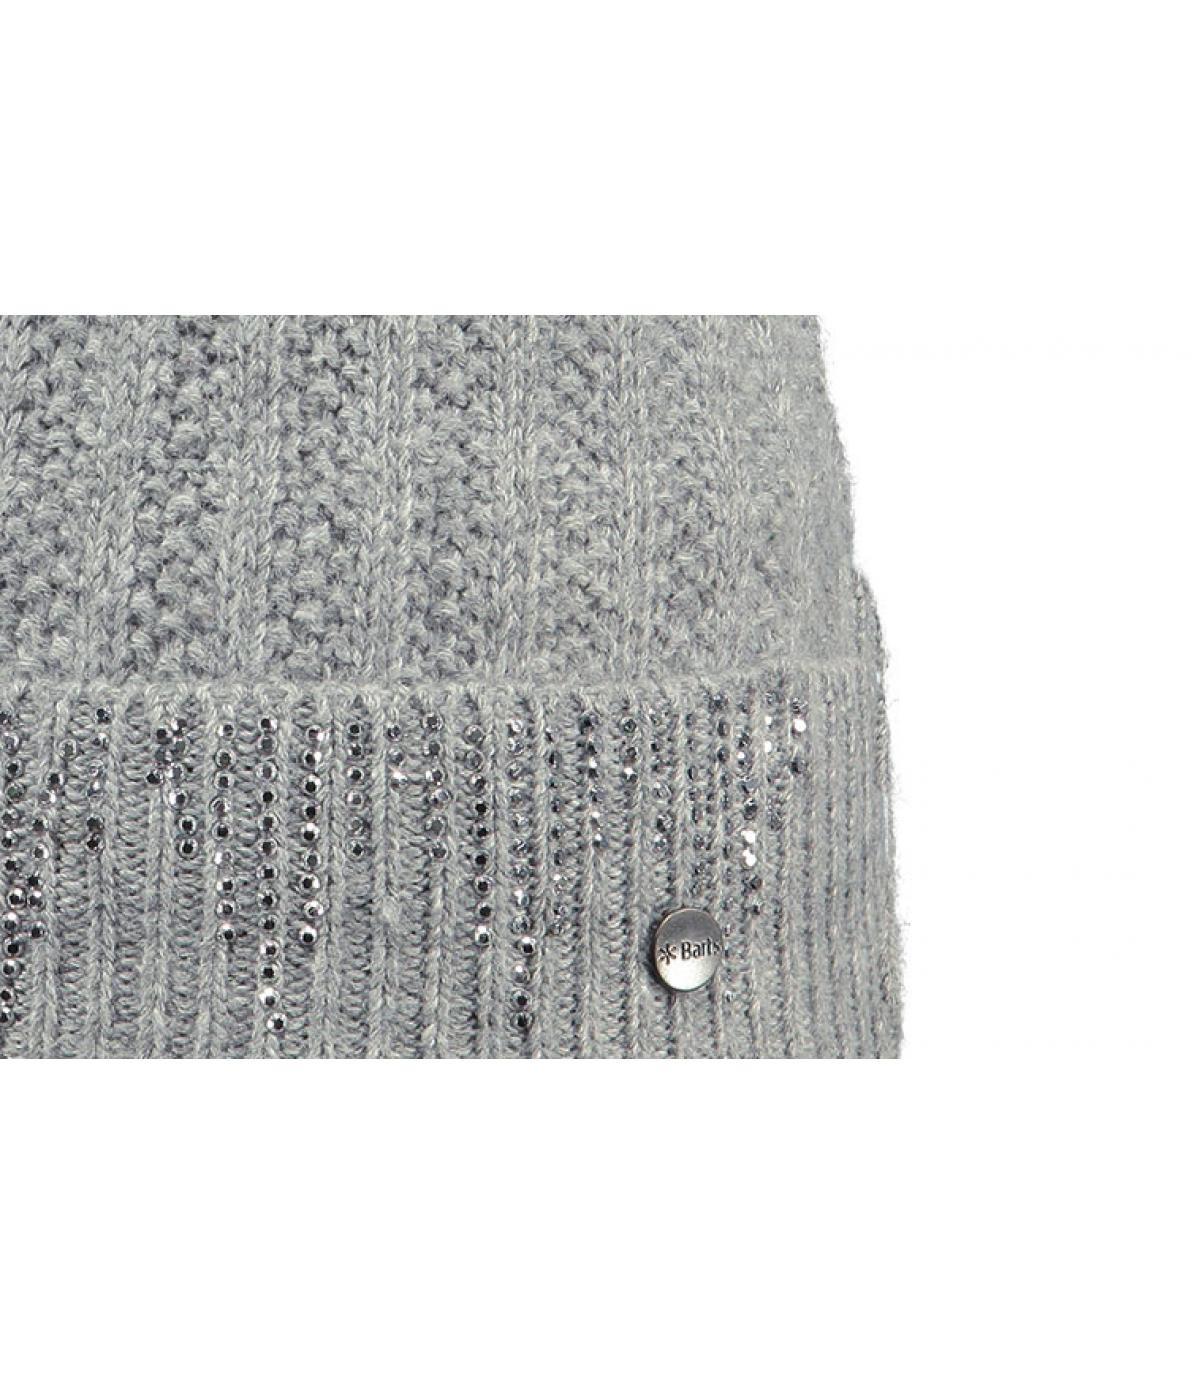 Details Marigold beanie heather grey - Abbildung 3